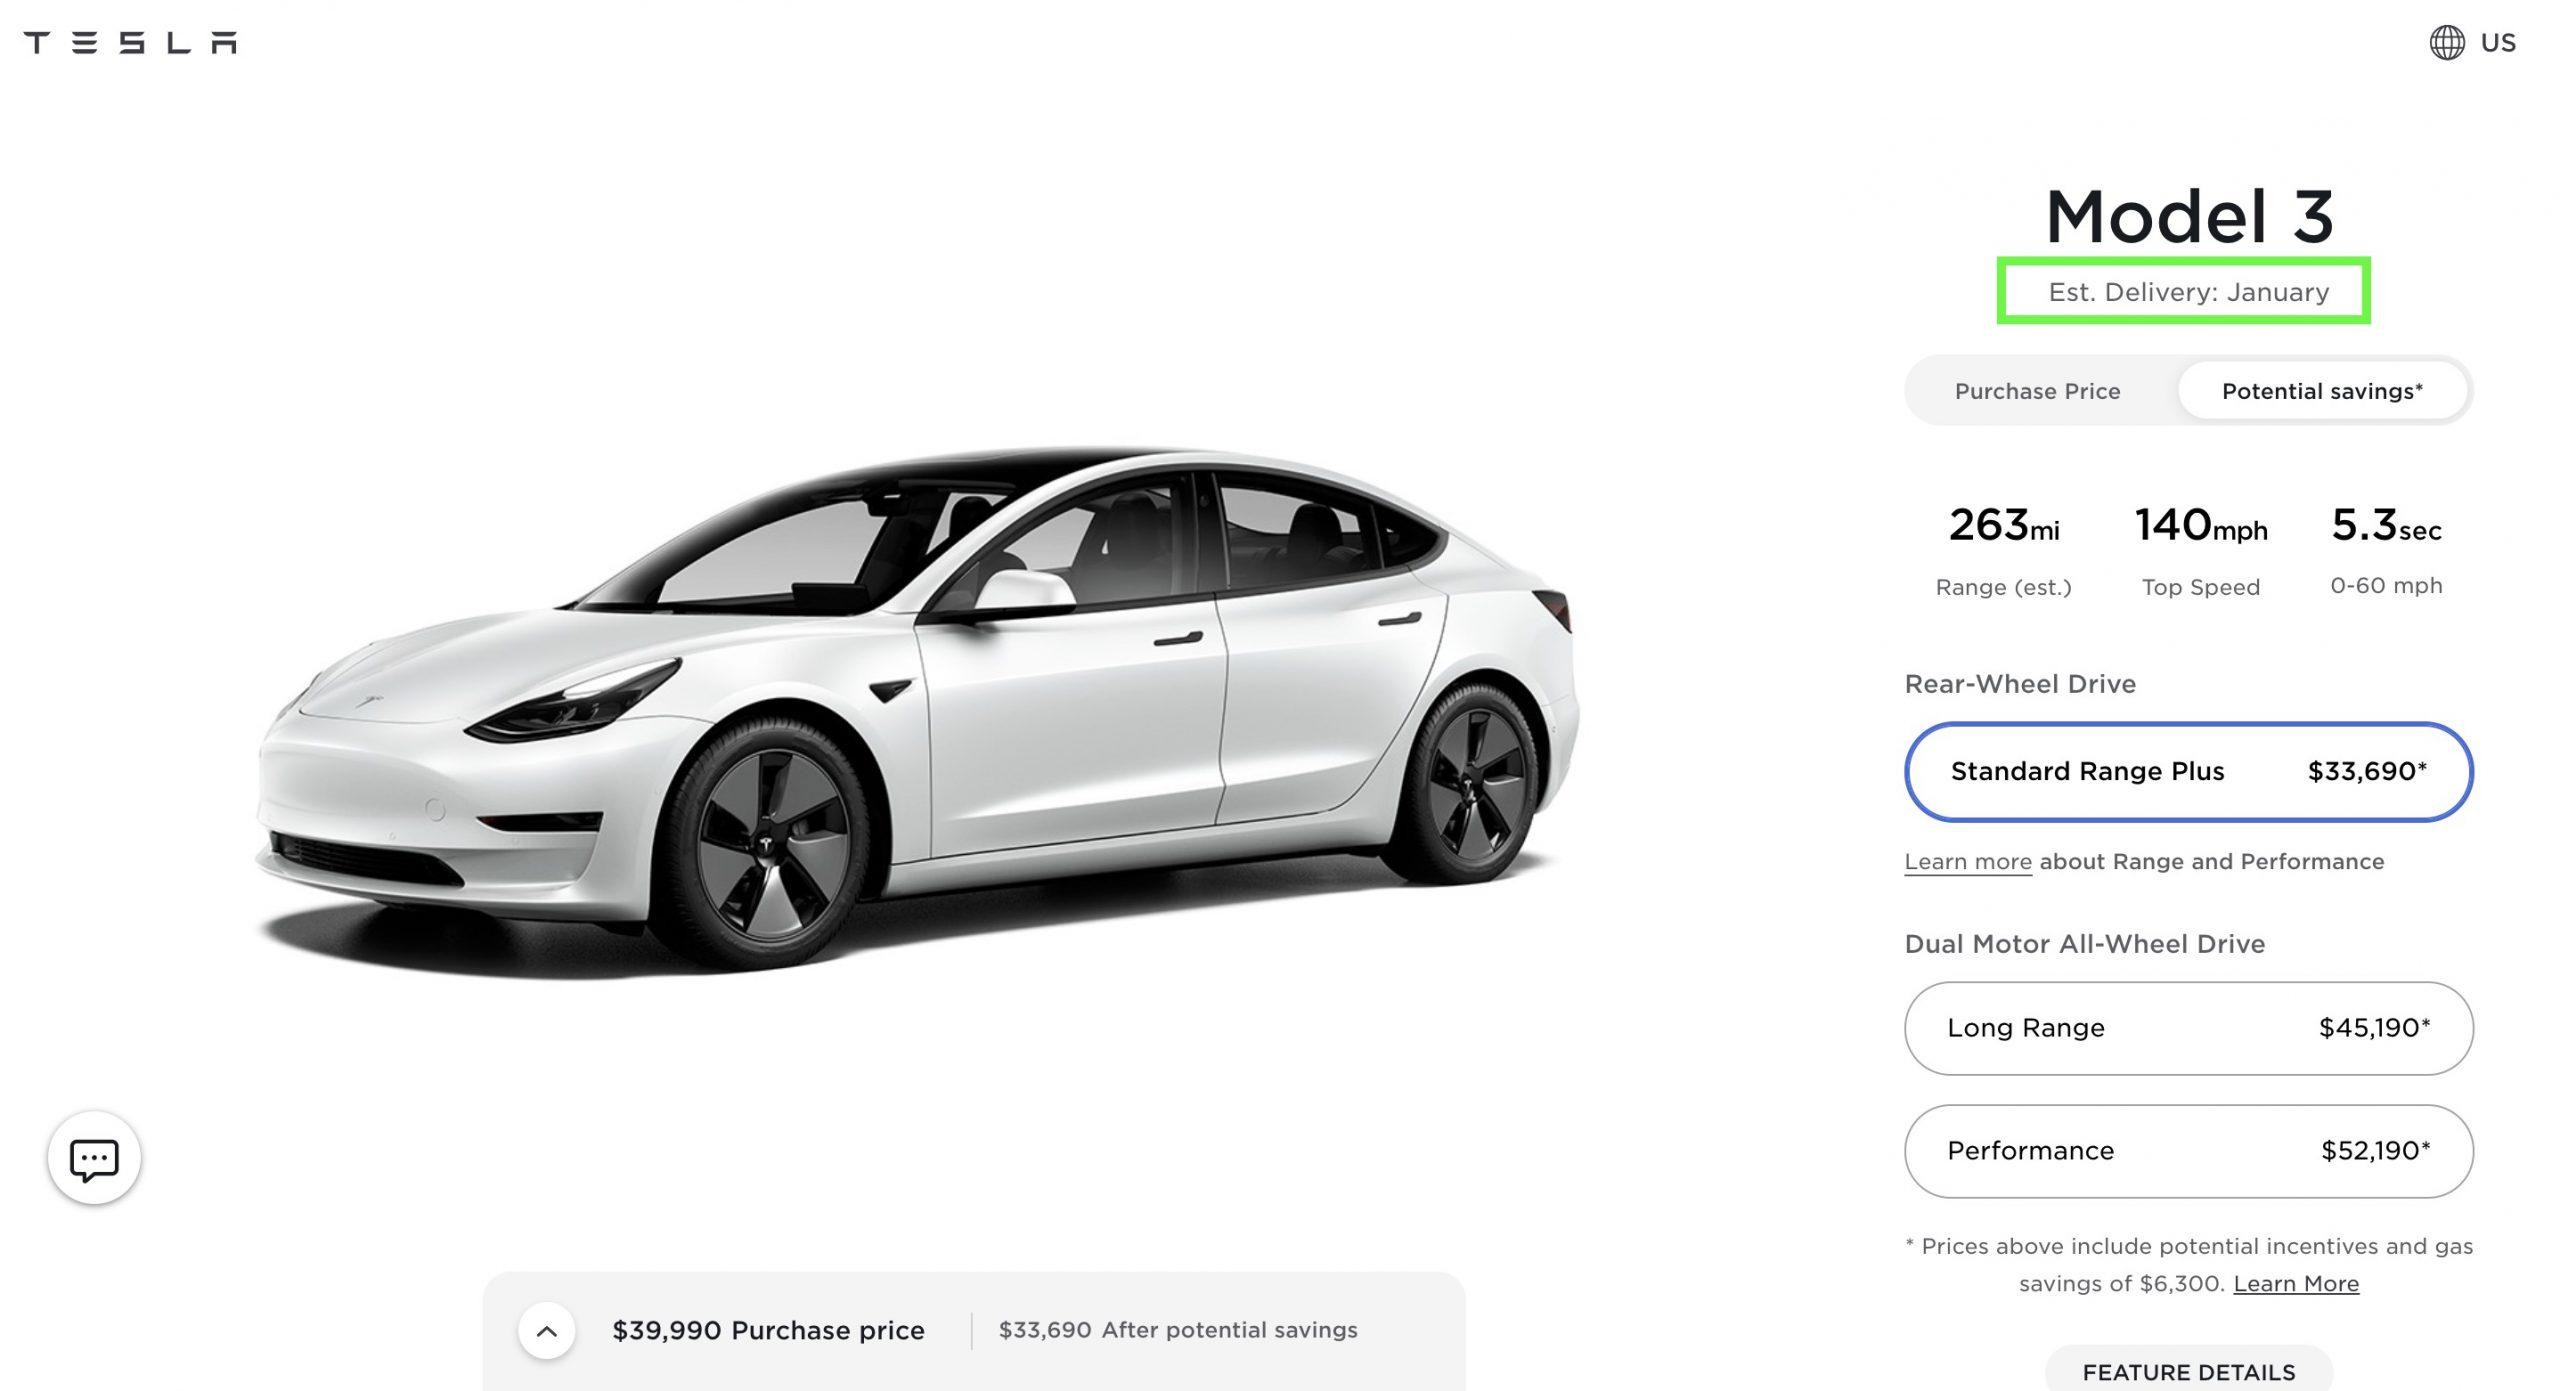 tesla-model-3-sold-out-2022